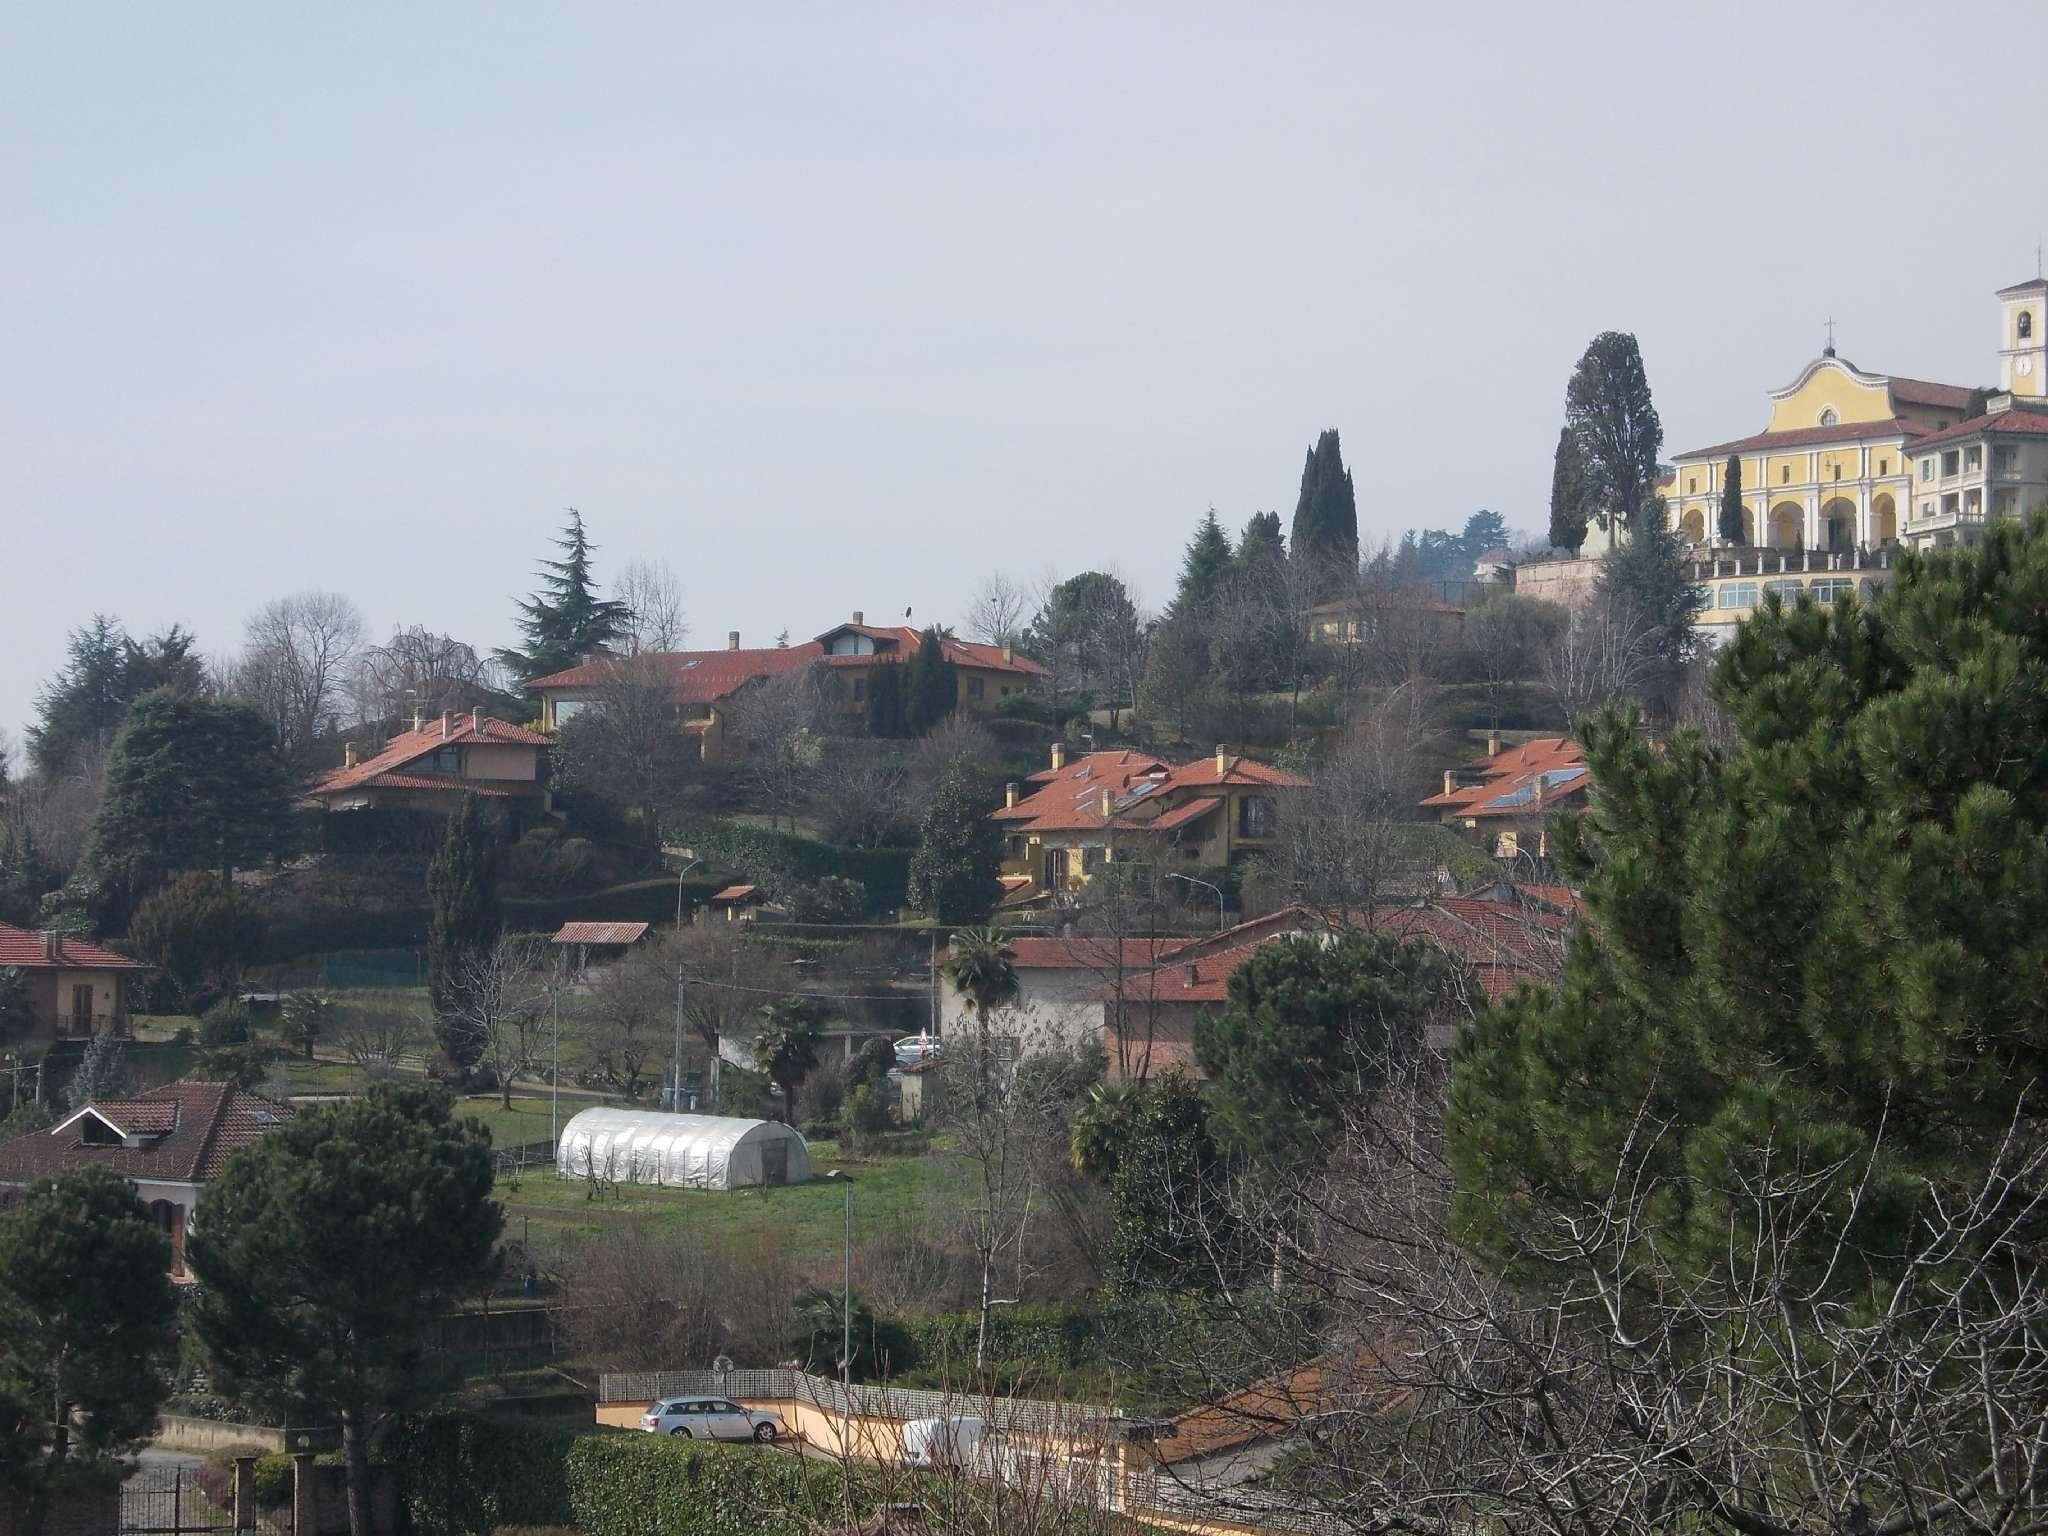 Bilocale Pino Torinese Via Privata Via Delle Genziane 10